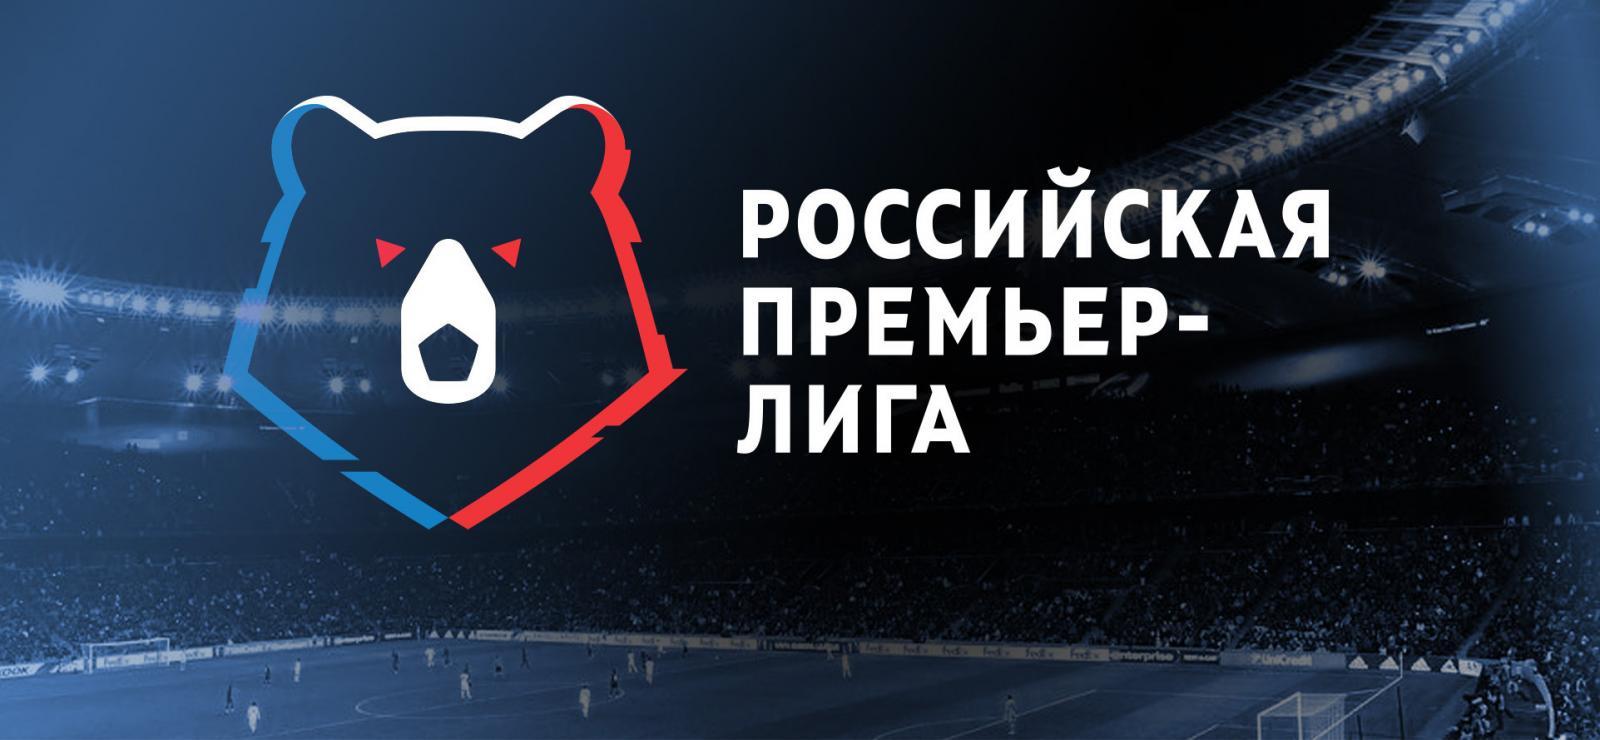 Премьер лига России по футболу 2019